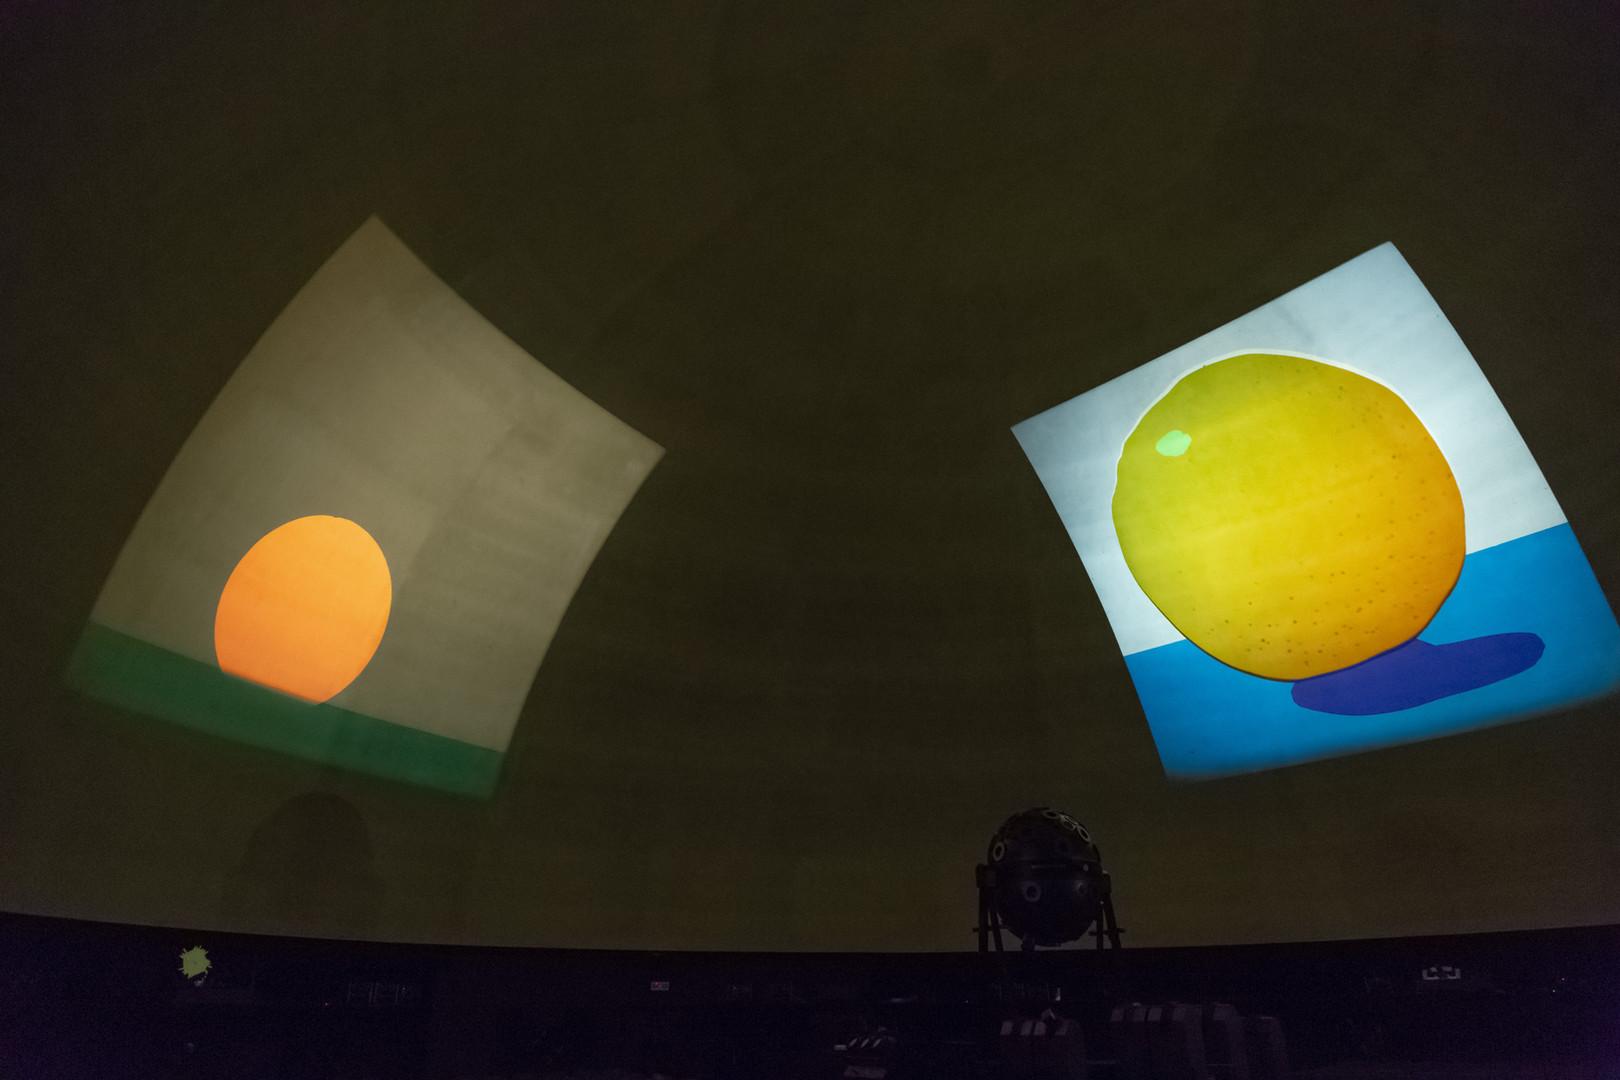 Estudos do Labirinto Planetário Calouste Gulbenkian Vista da Instalação de João Maria Gusmão+Pedro Paiva, 2018